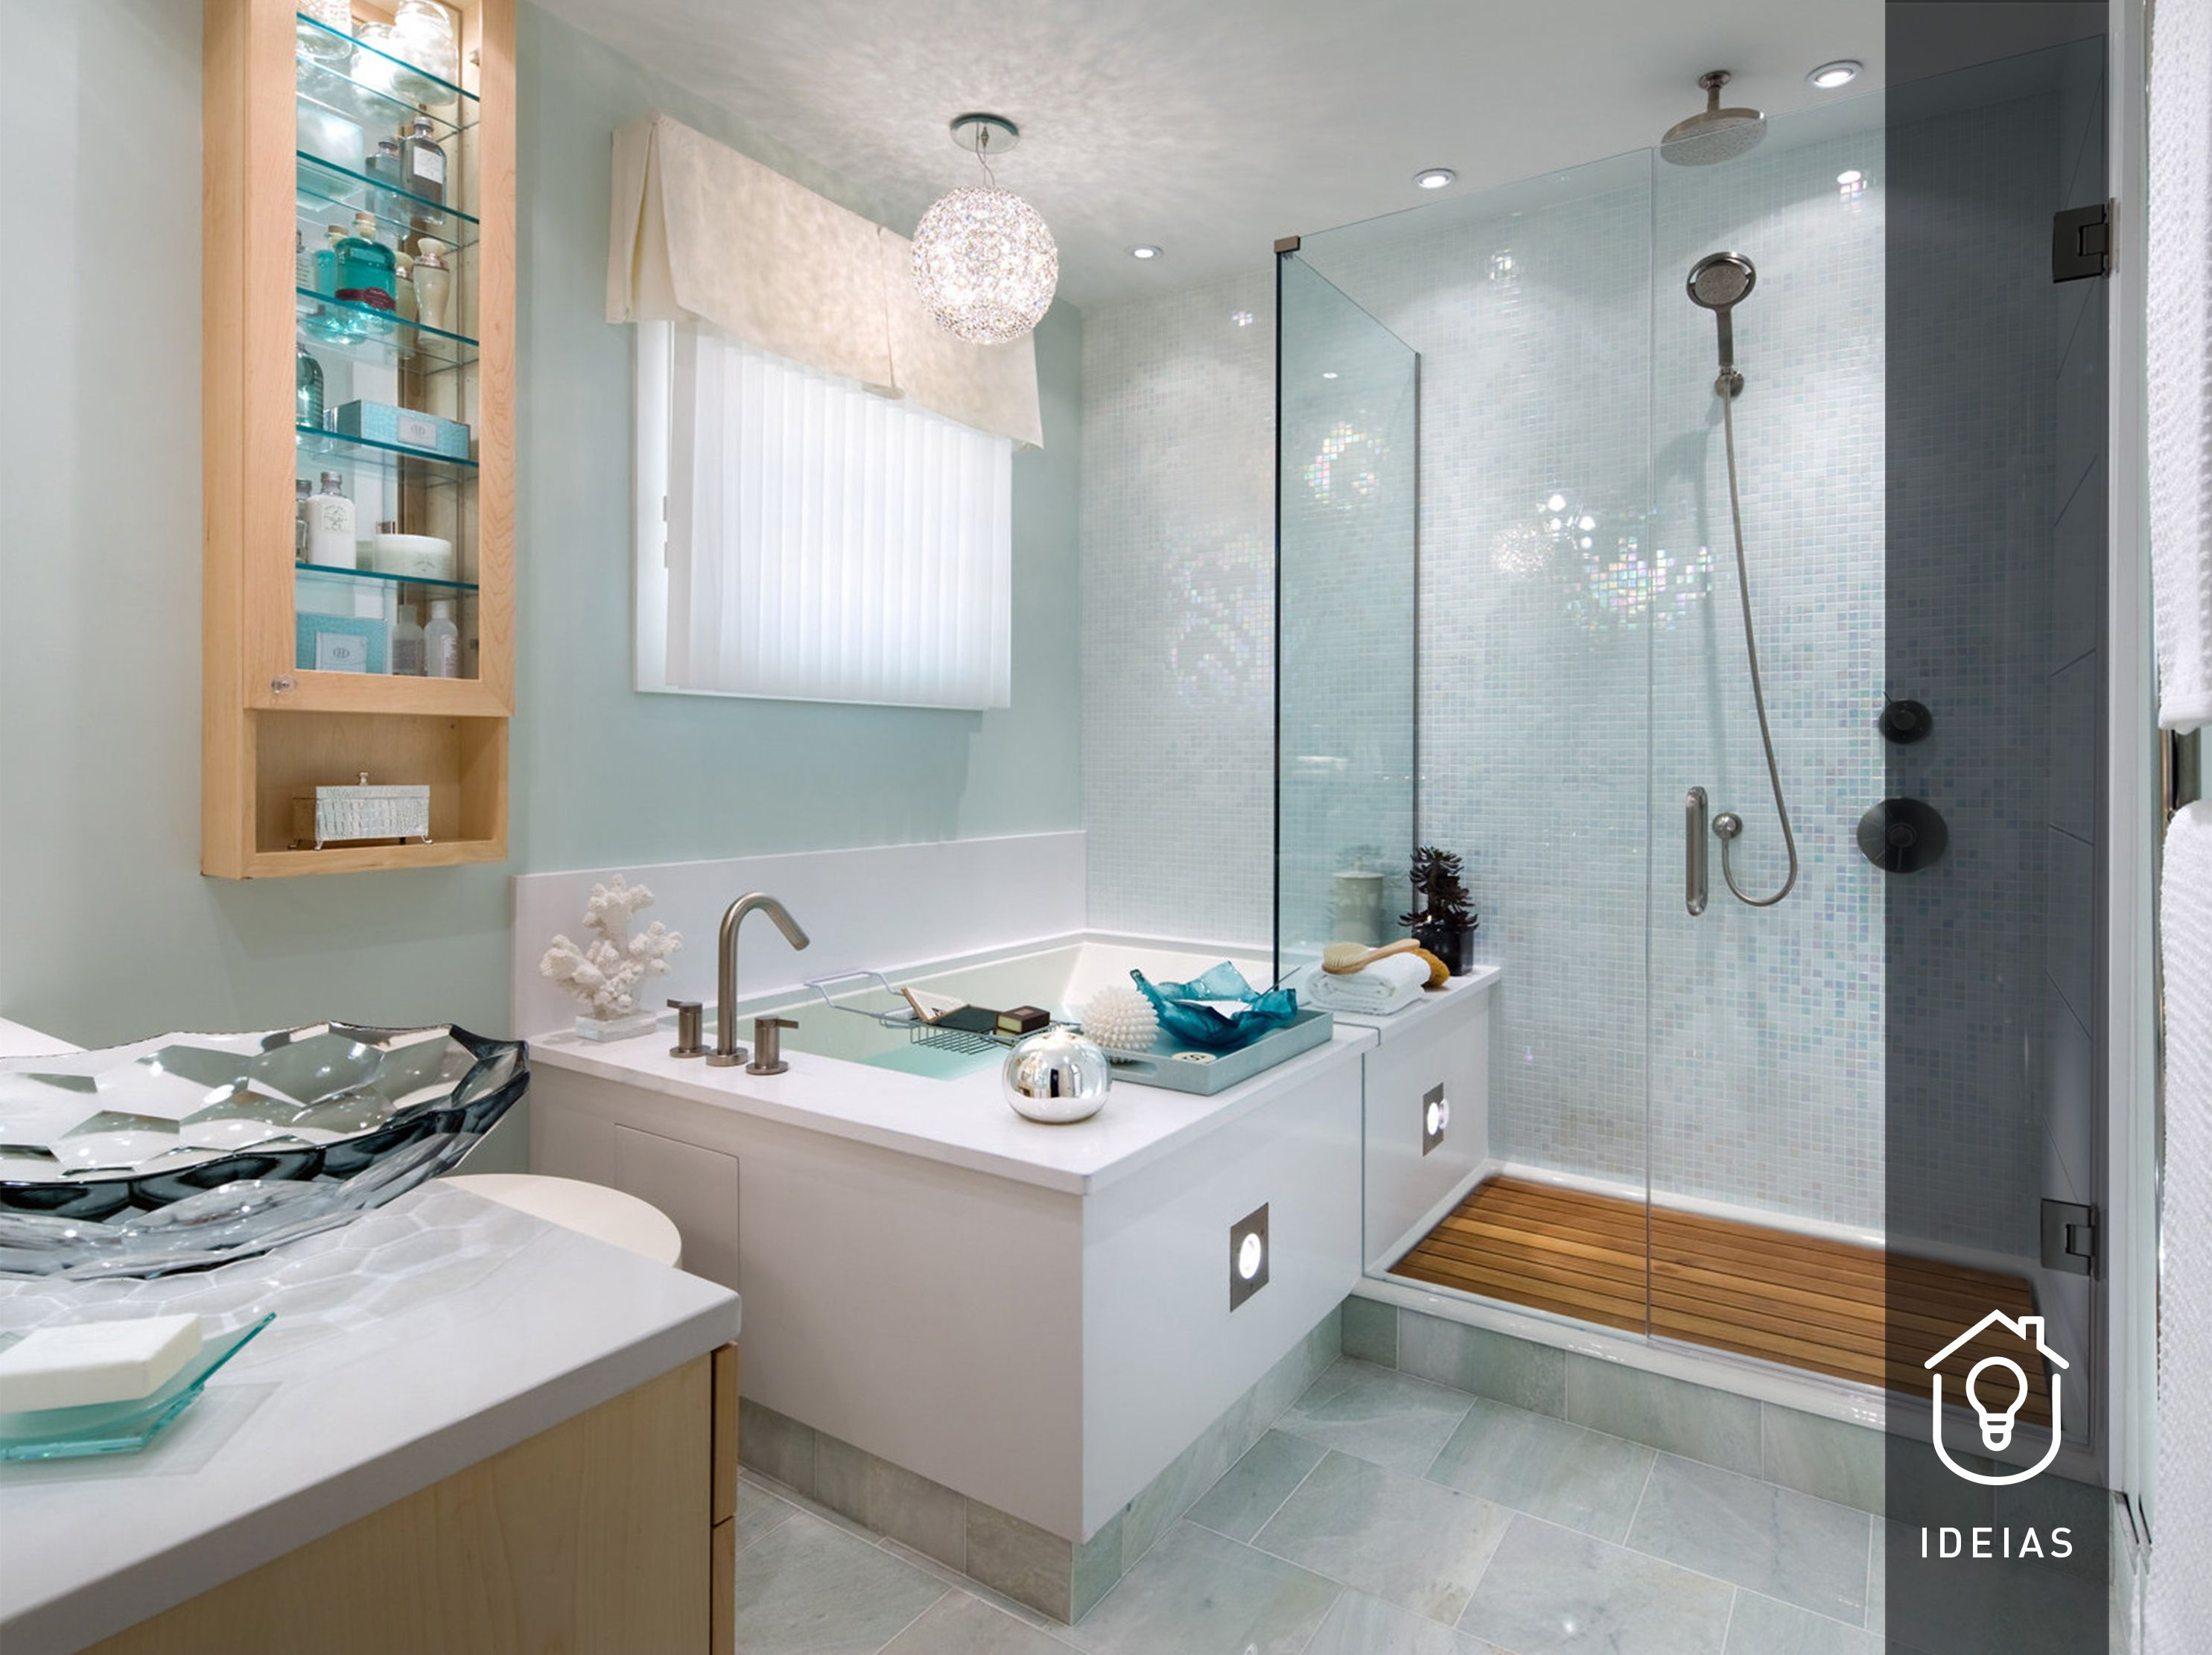 Bathroom Tile Design Tool Magnificent Ideias De Construção E Decoração Do Espaço Casas De Banho Inspiration Design